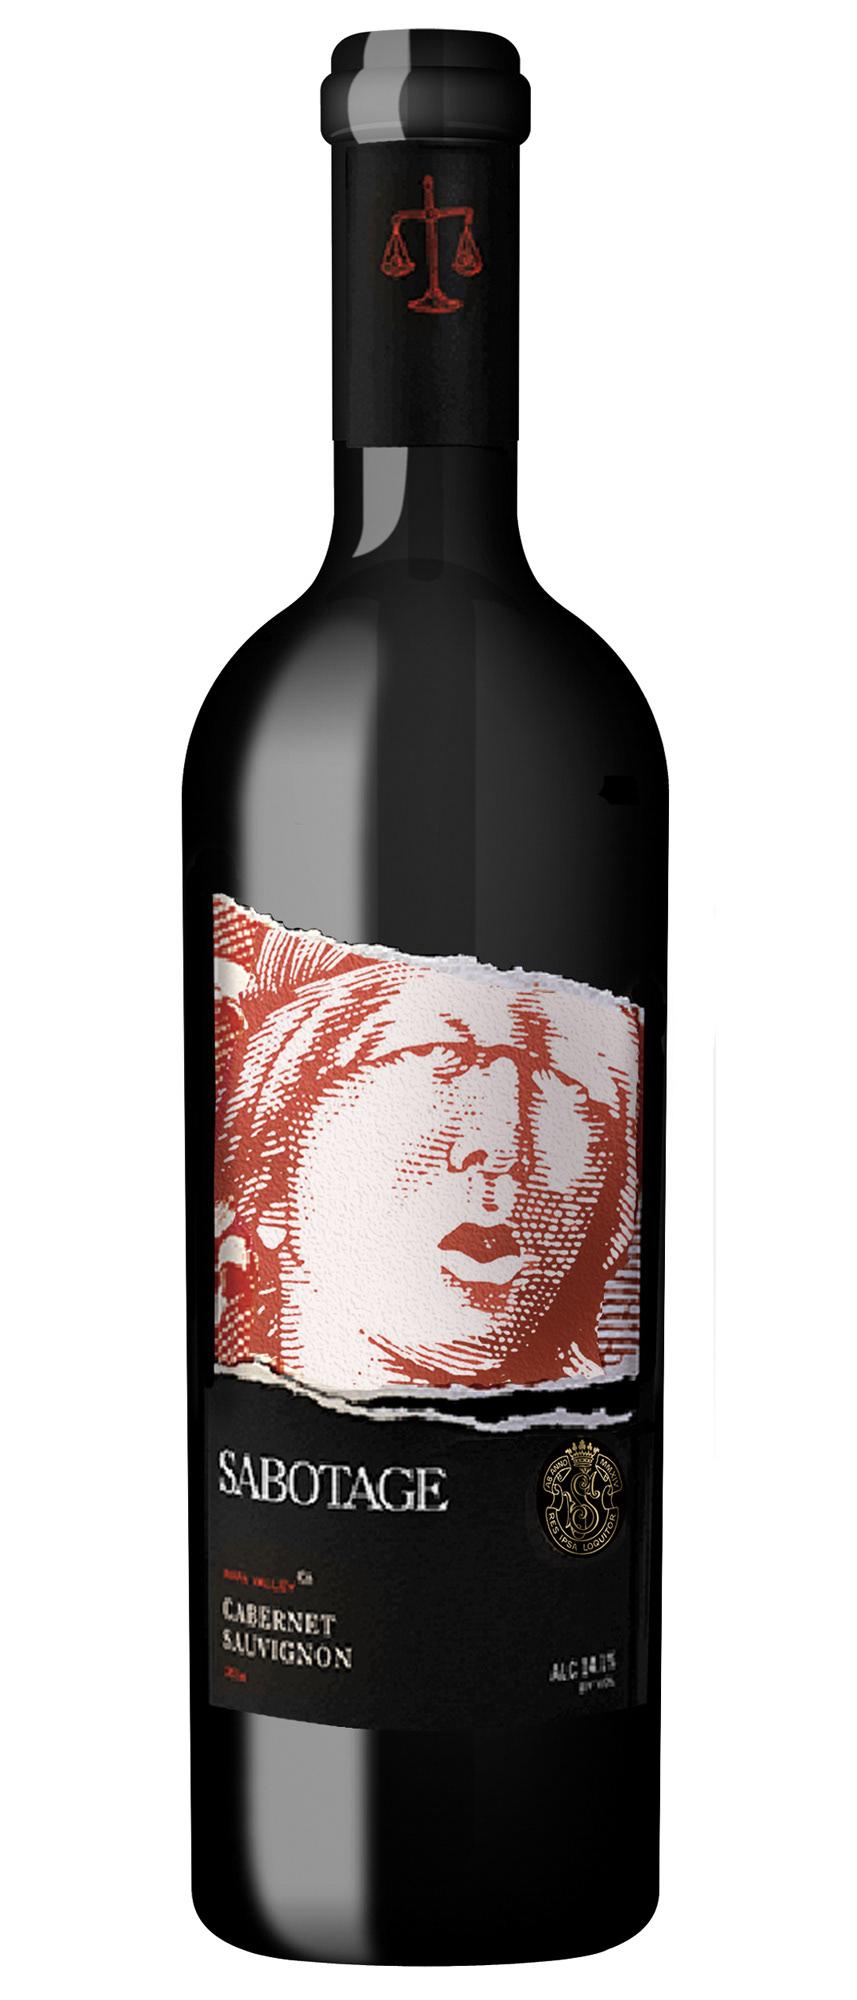 Steven Noble Sabotage Wine Label Illustrated By Steven Noble